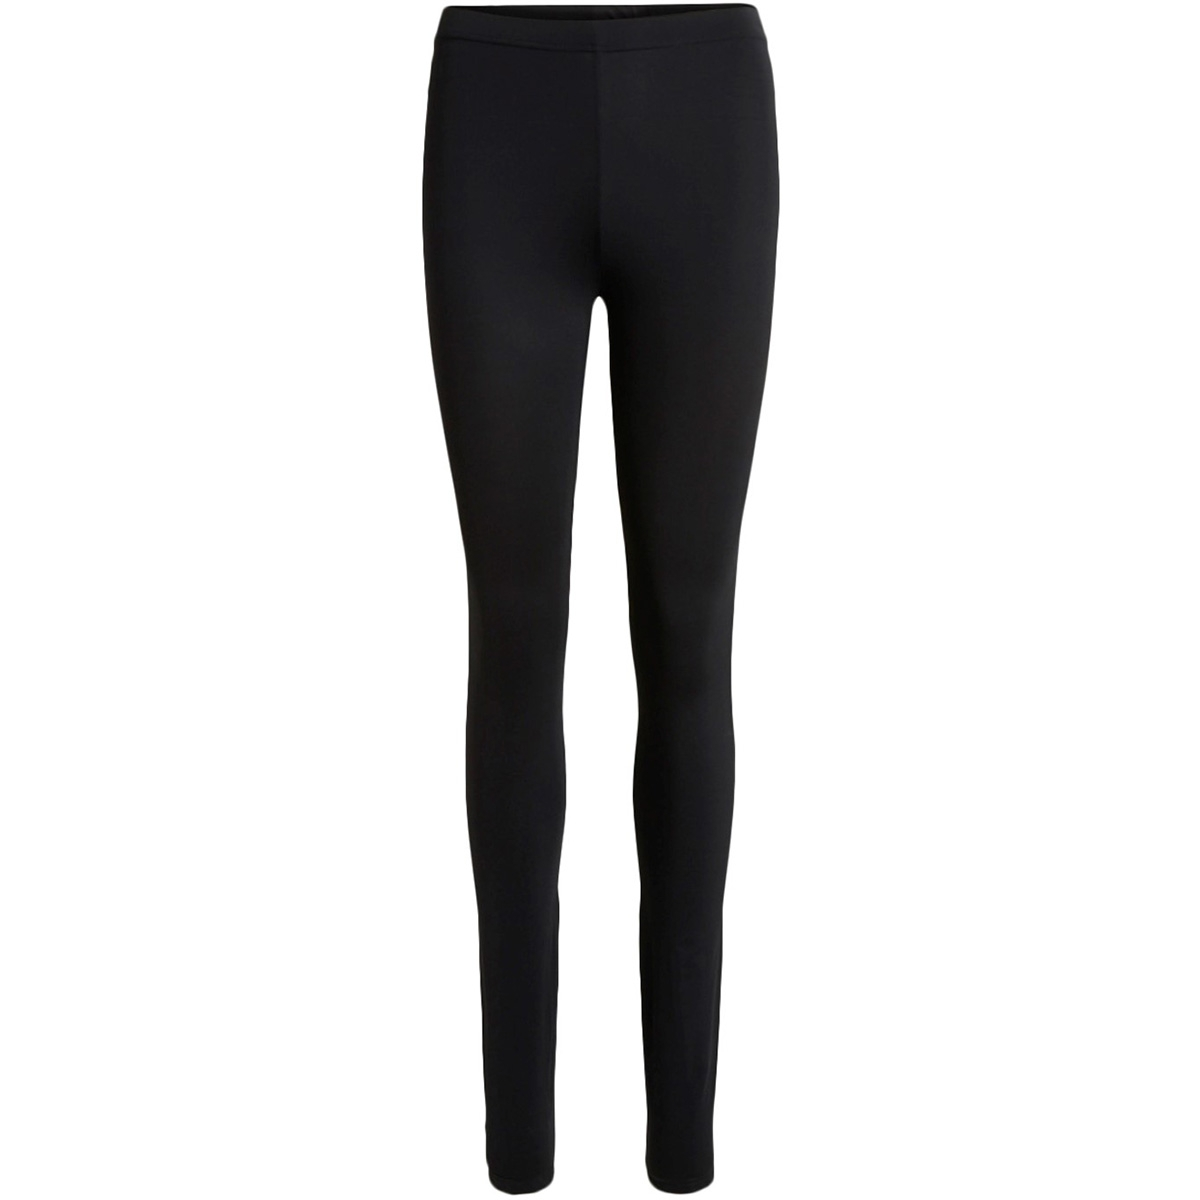 visurface long leggings/3 14059357 vila legging black